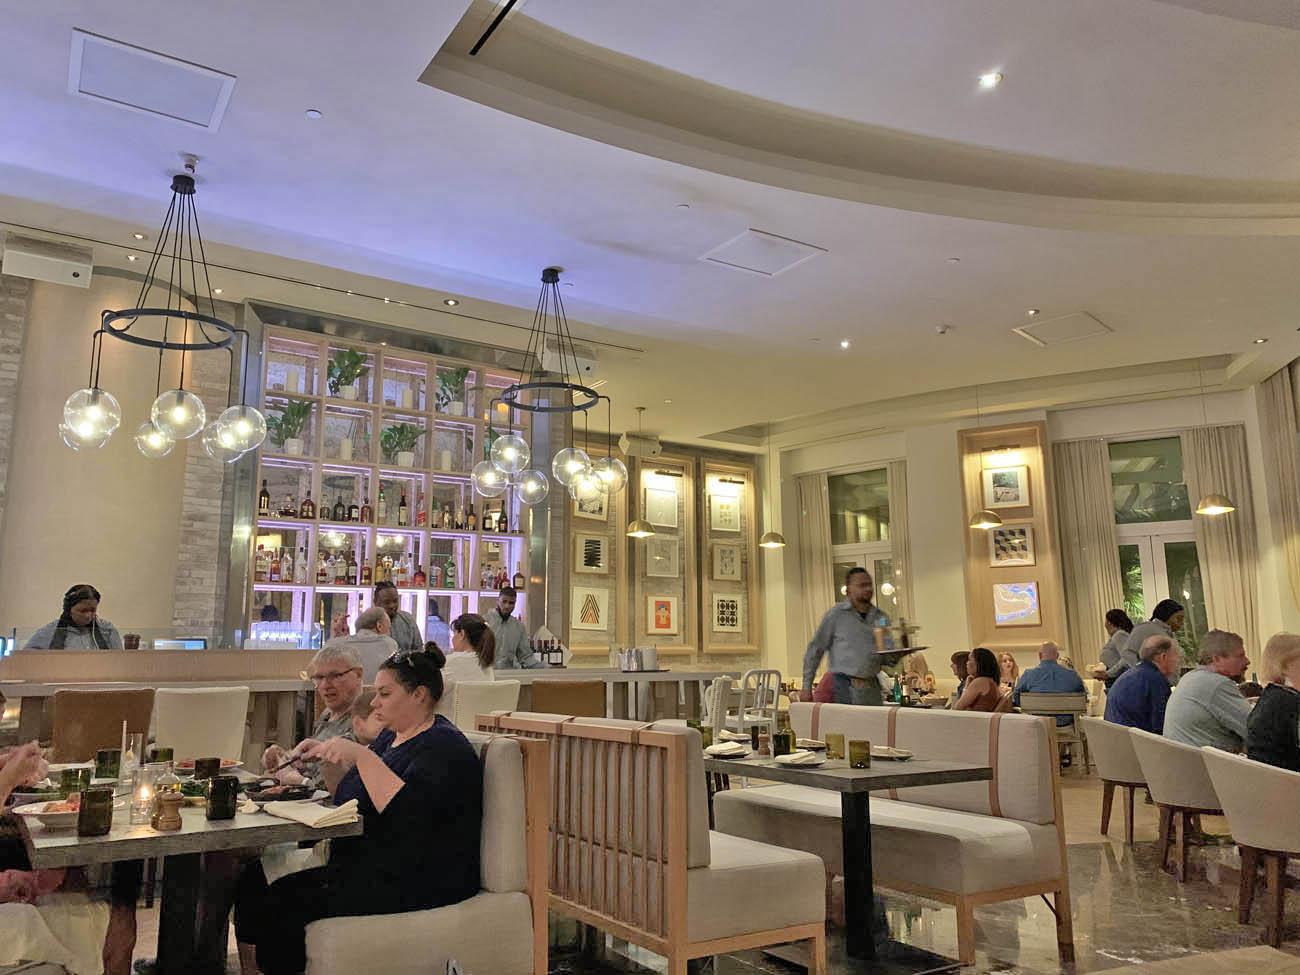 Dicas de Nassau - Restaurantes - onde comer - Filia - italiano - hotel SLS Baha Mar